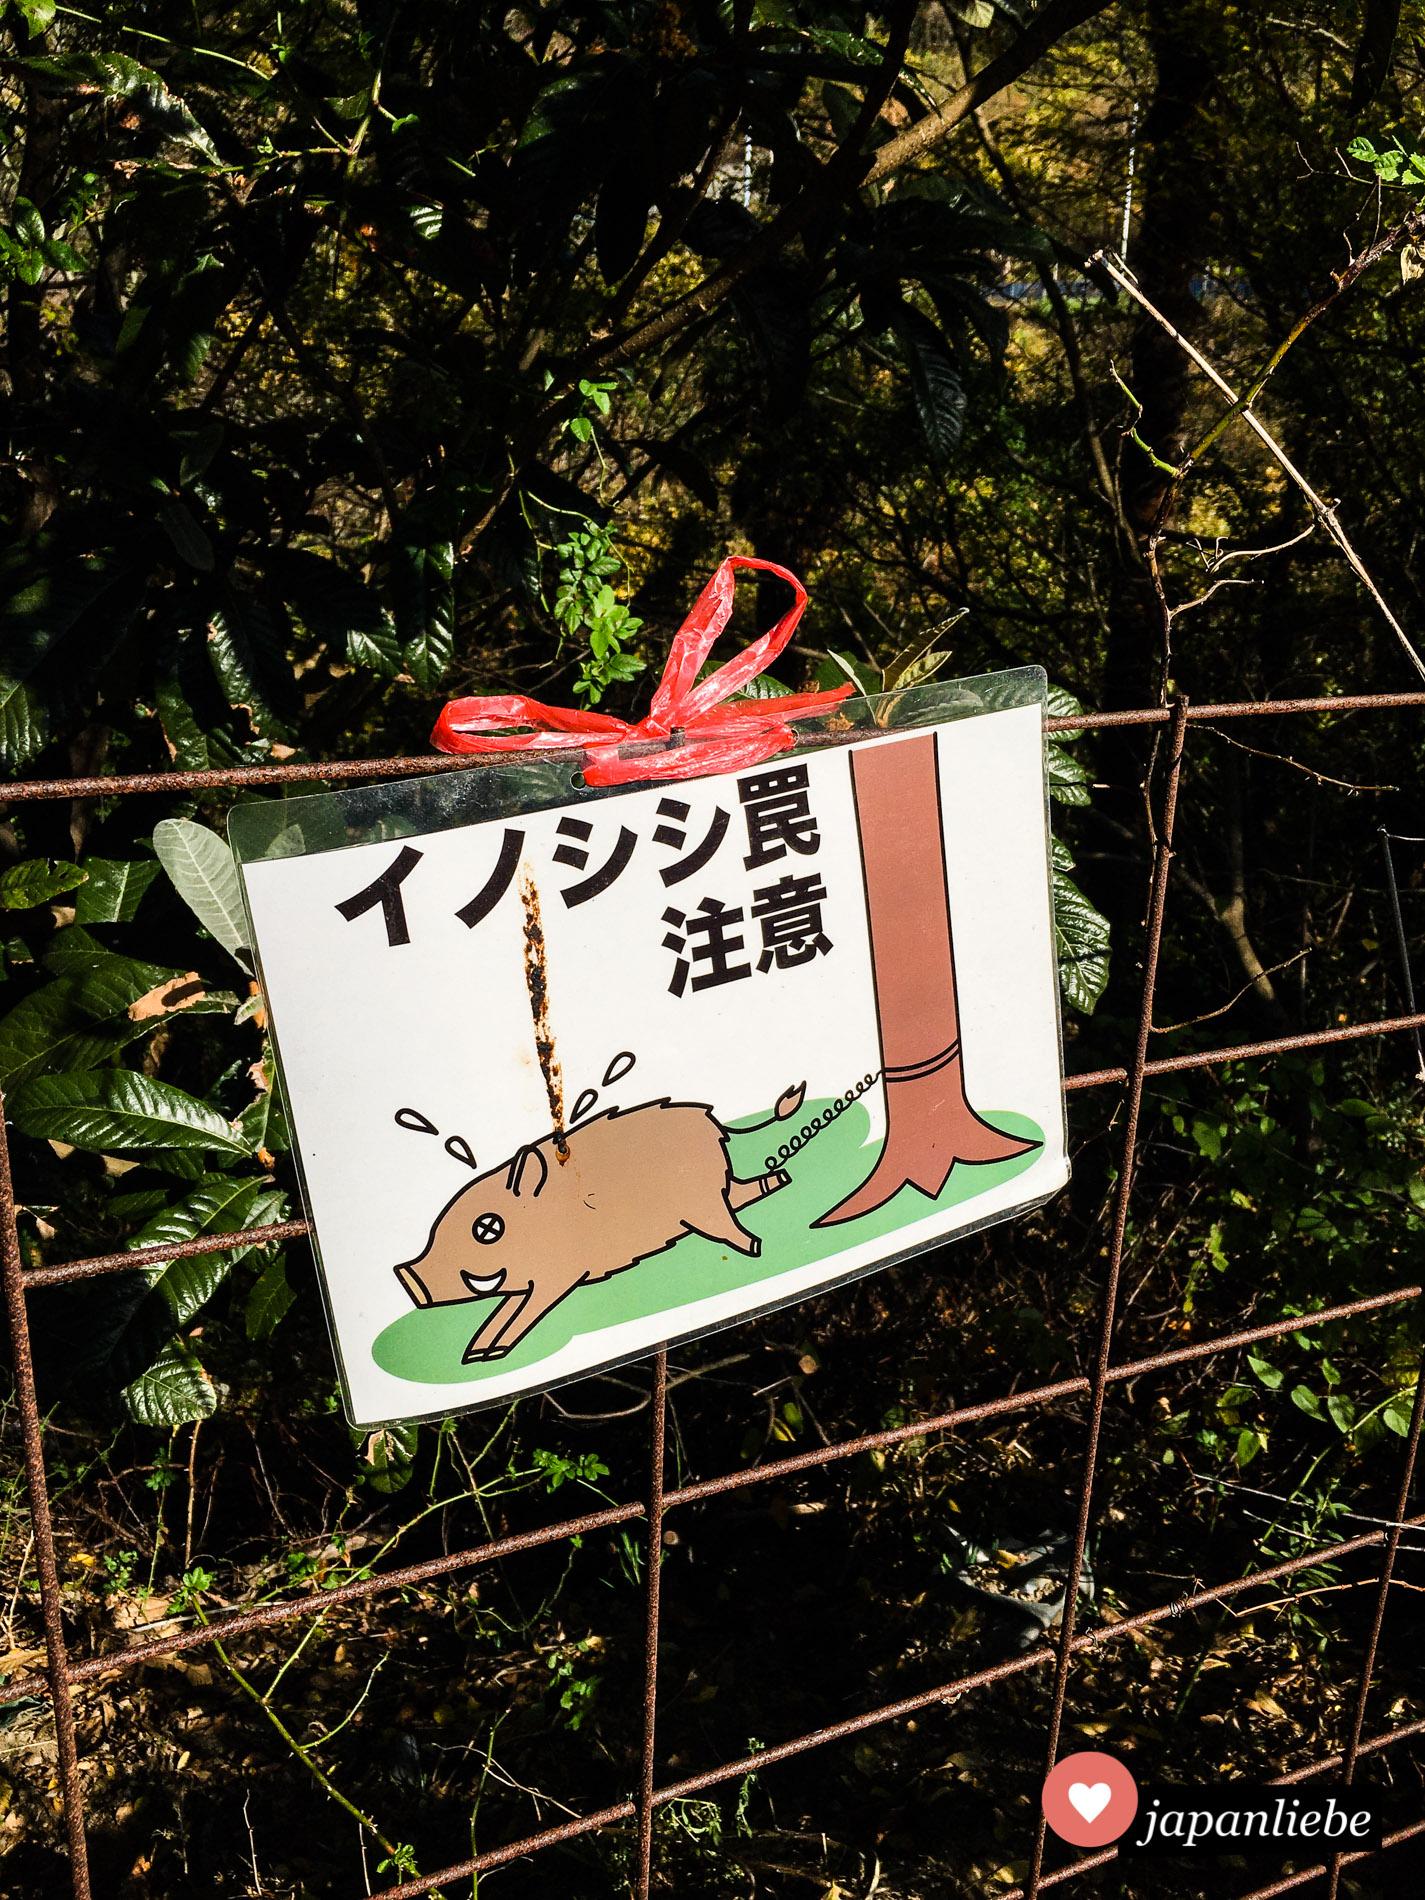 Auf der Insel Oshima vor Takamatsu scheint es ein großes Problem mit Wildschweinen zu geben. Die schiere Anzahl der Warnschilder lässt zumindest darauf schließen.